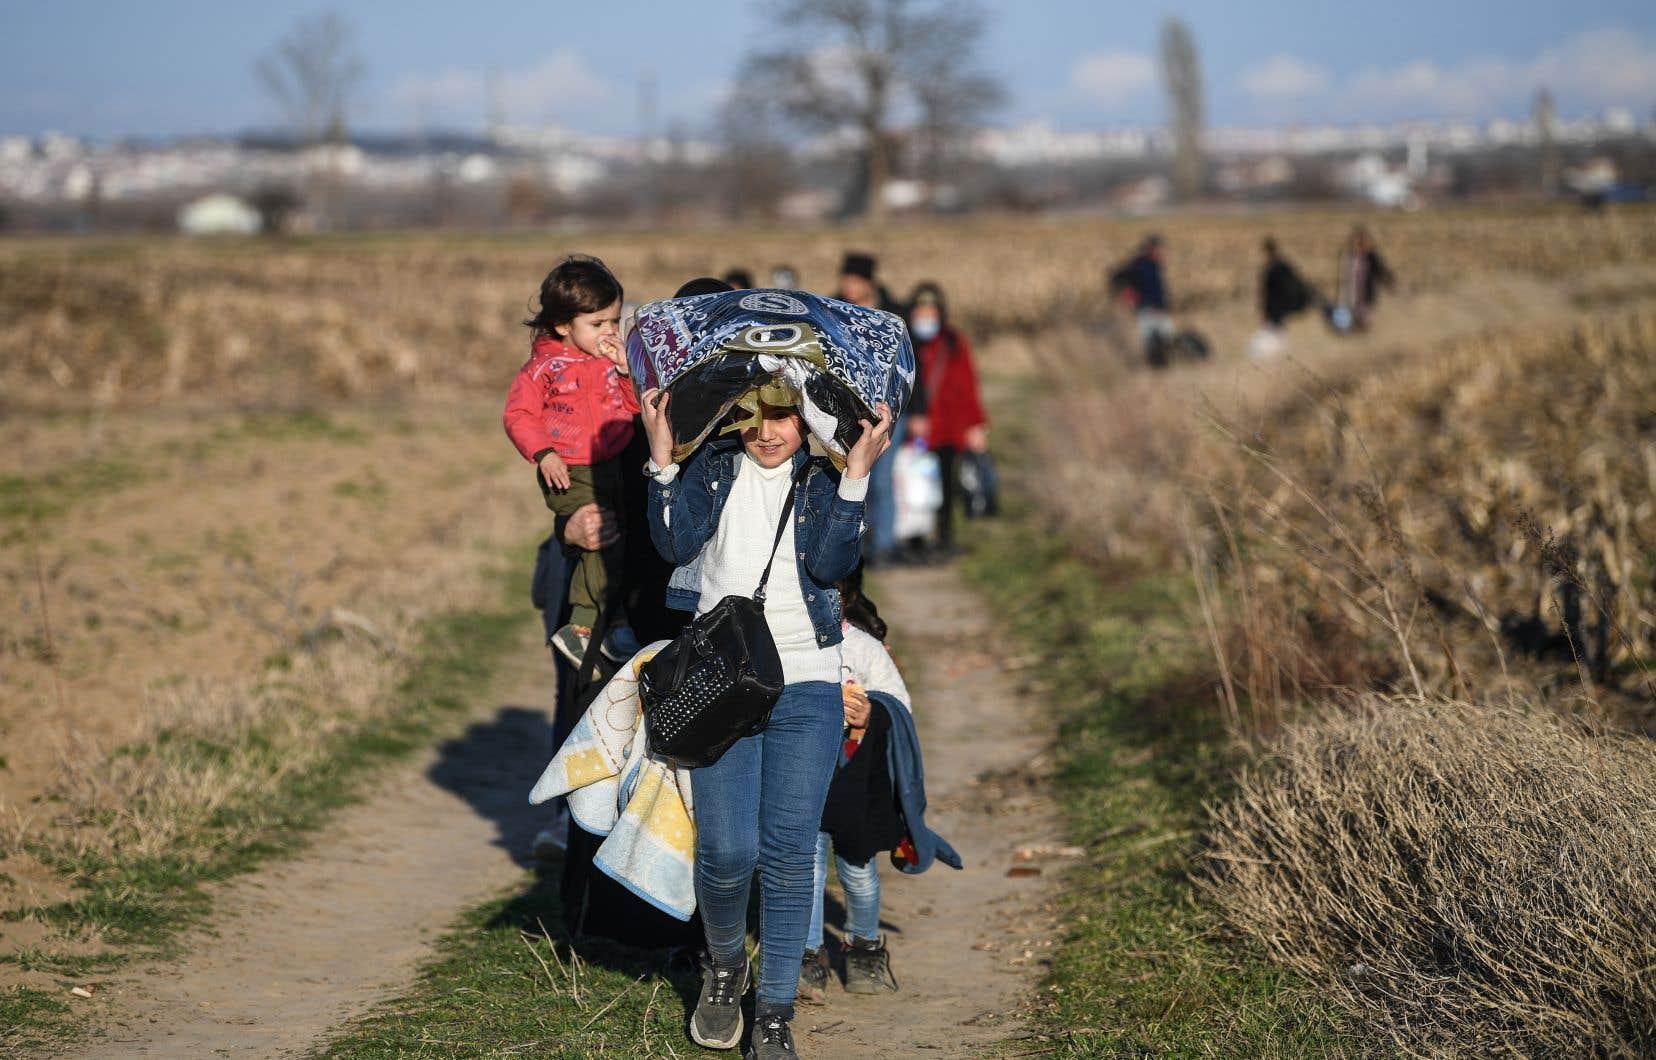 Les médias turcs se sont fait l'écho de premières concentrations de personnes, présentées comme des migrants, à proximité de la frontière avec la Grèce, comme ici près de la ville turque de Pazarkule.